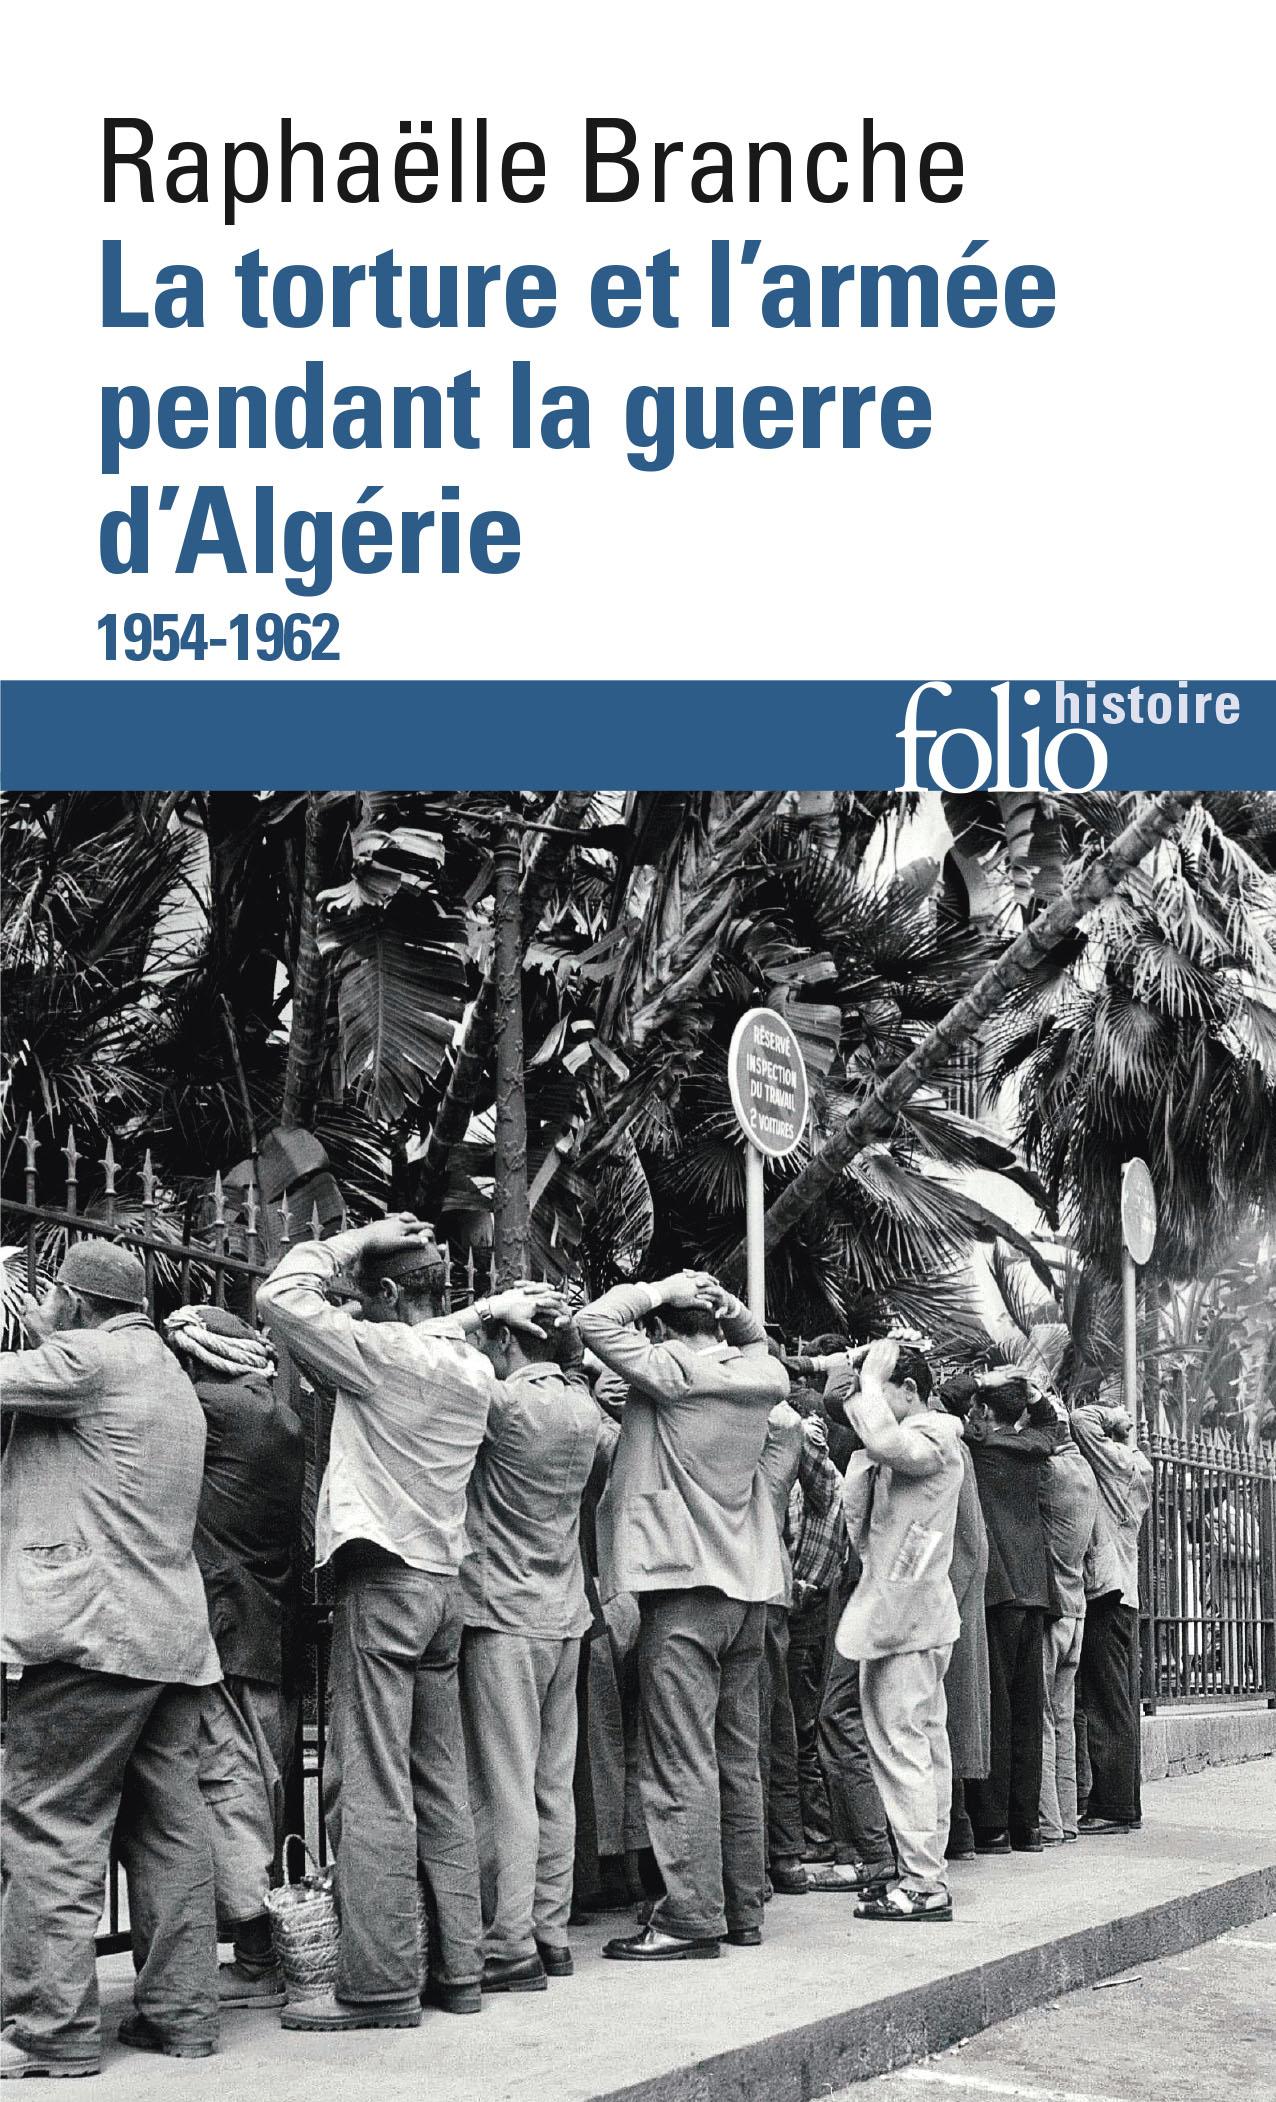 Guerre d'Algérie: torture et exécutions au nom de la France | Raphaëlle Branche